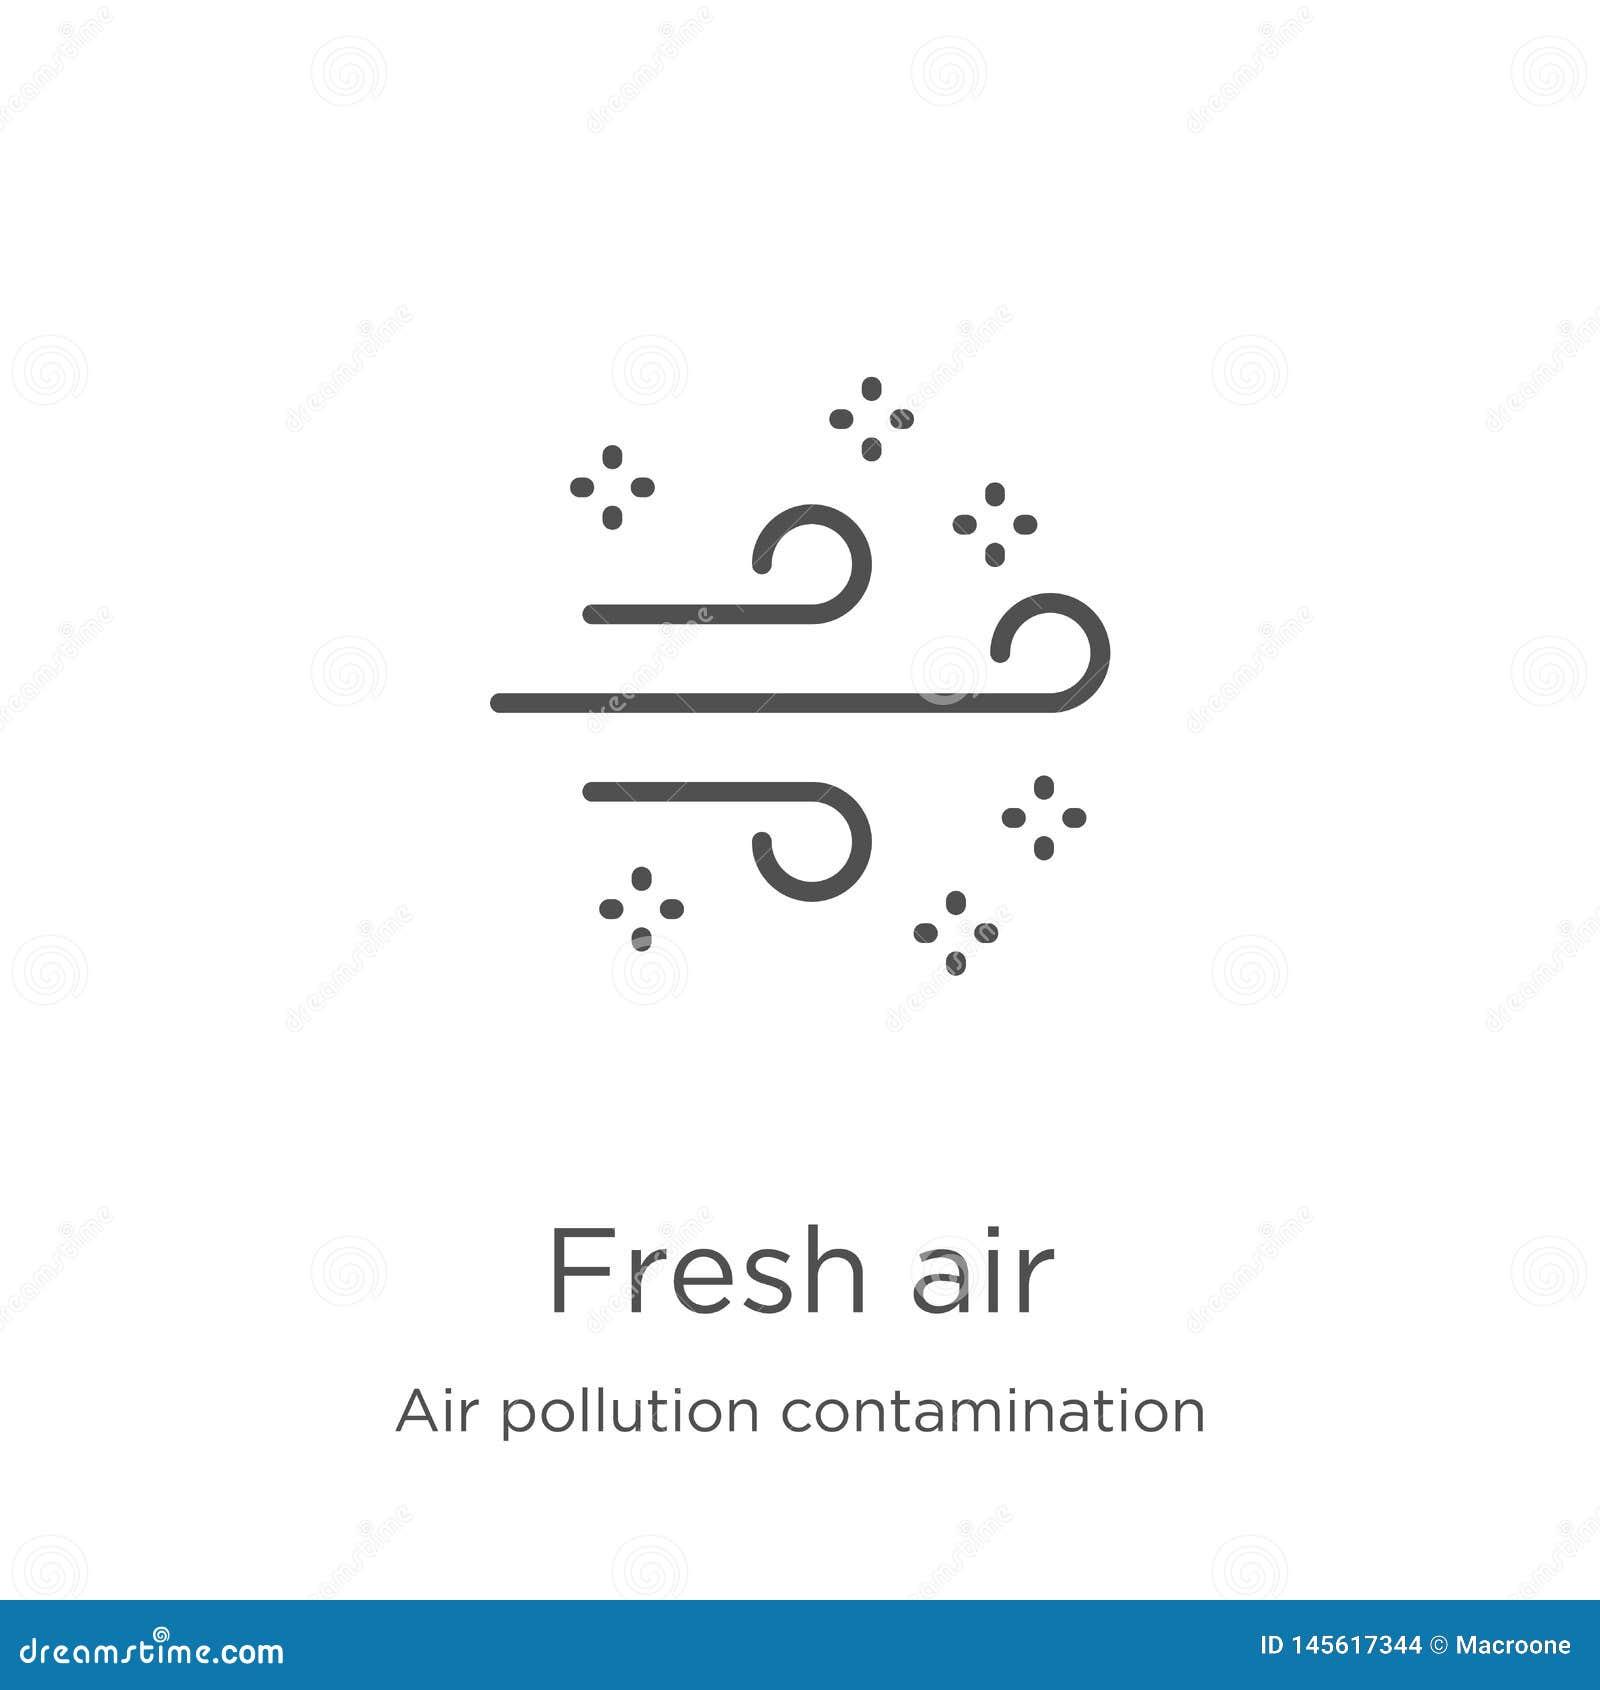 вектор значка свежего воздуха от собрания загрязнения загрязнения воздуха Тонкая линия иллюстрация вектора значка плана свежего в